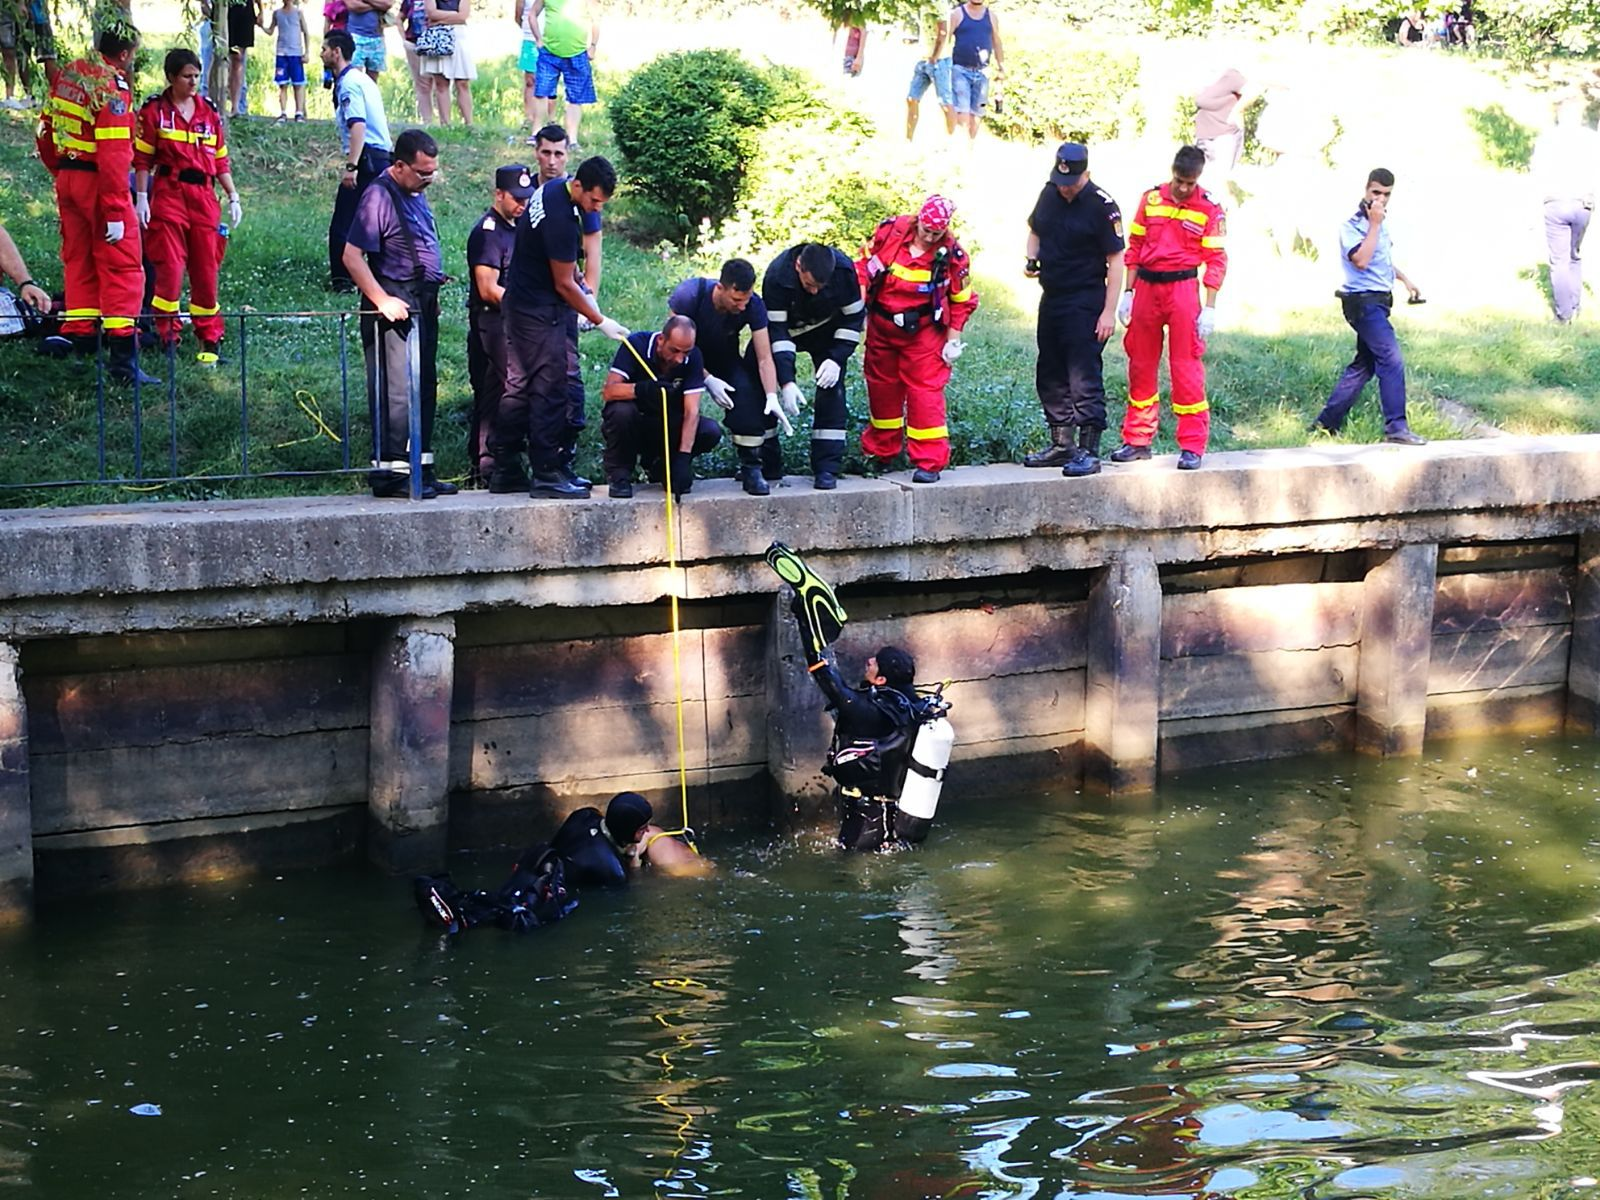 Un copil de 14 ani, aflat la joacă cu un prieten, s-a înecat într-un lac din judeţul Arad